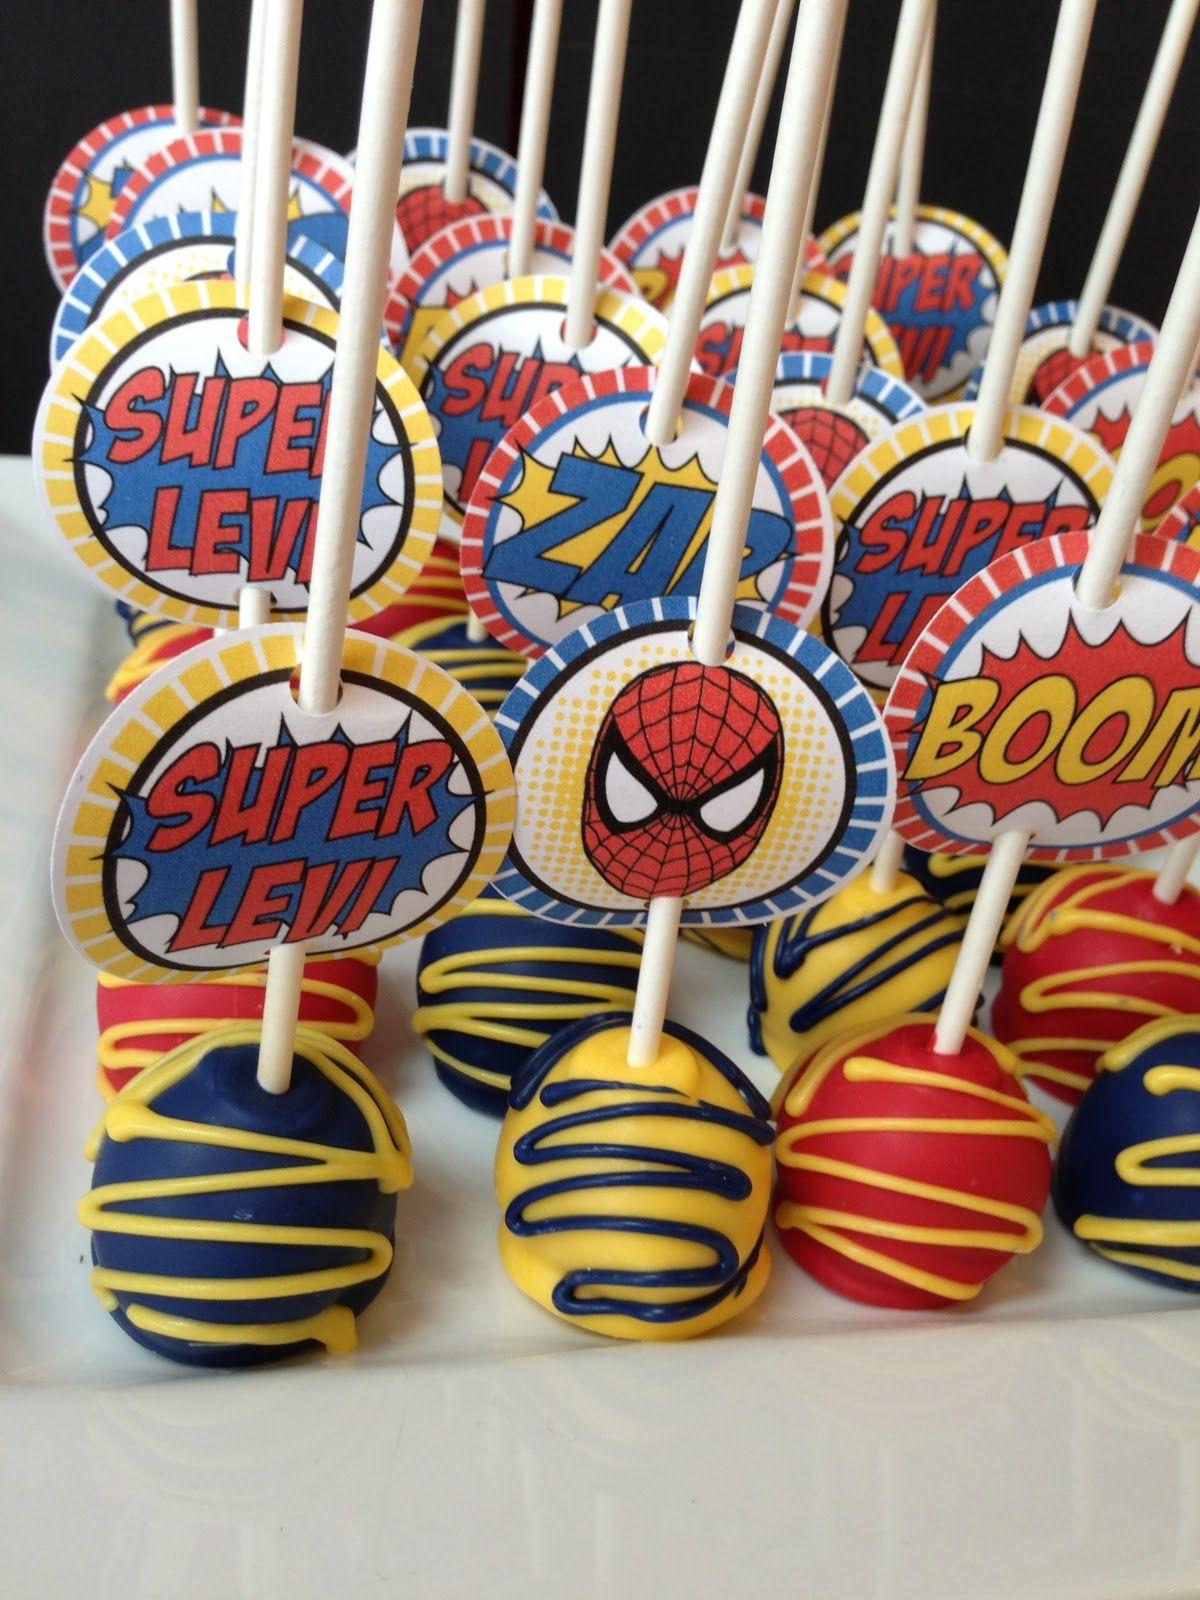 Christie Benintendi Stin Party Idea Super Cute Cake